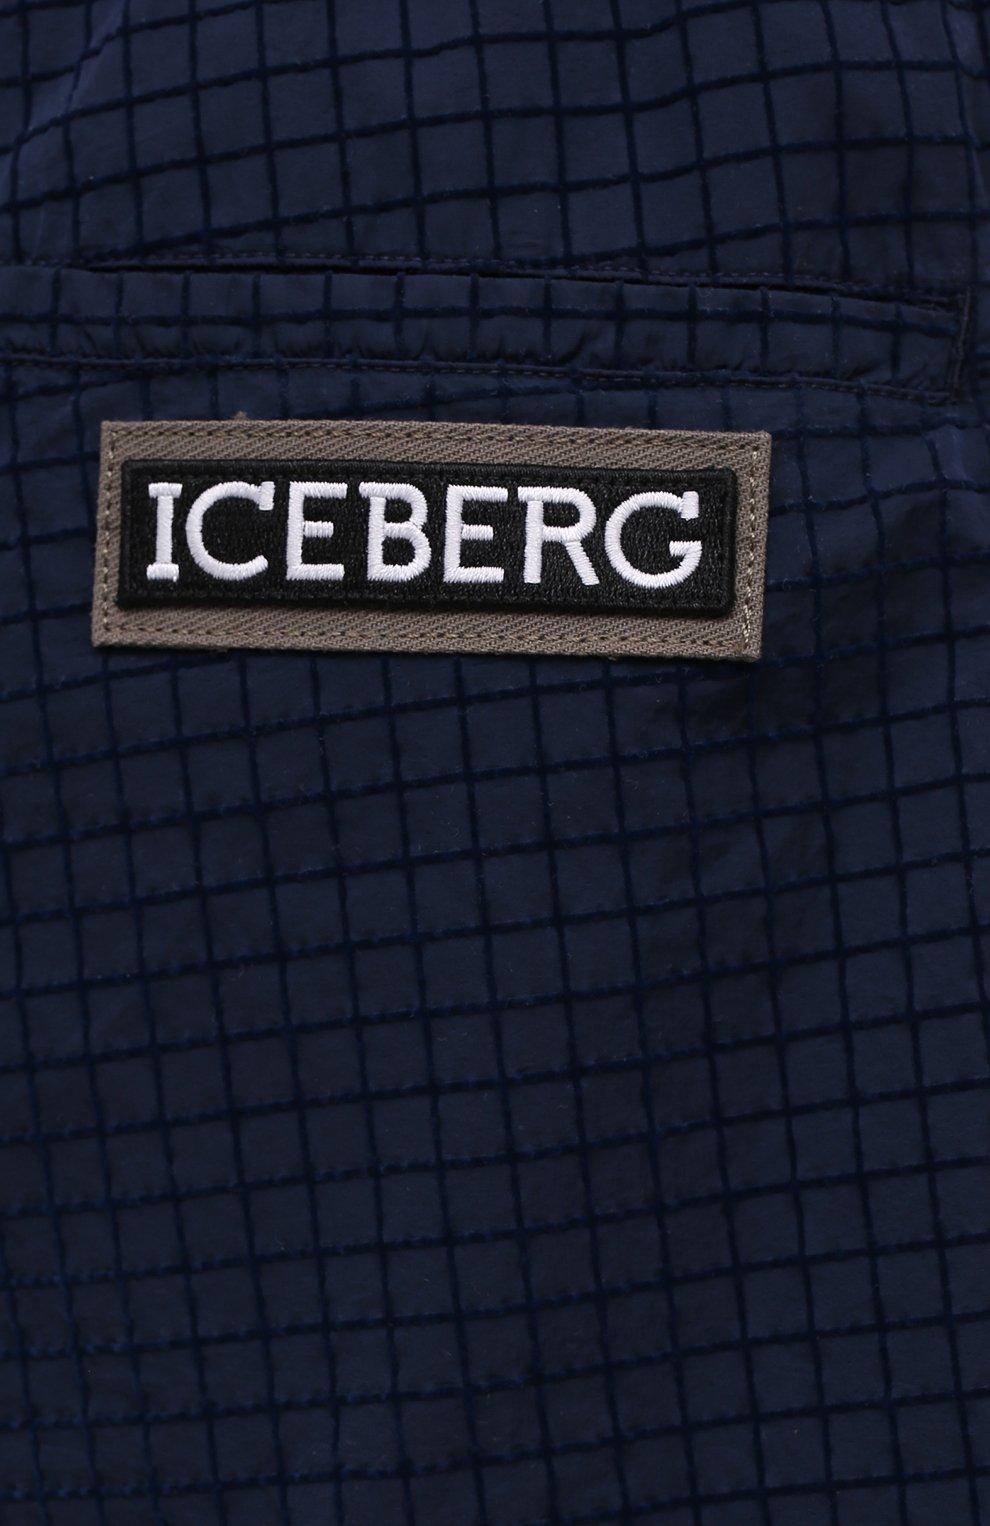 Мужские шорты ICEBERG синего цвета, арт. 21E I1P0/D060/5145   Фото 5 (Мужское Кросс-КТ: Шорты-одежда; Длина Шорты М: До колена; Принт: Без принта; Материал внешний: Синтетический материал; Стили: Спорт-шик)